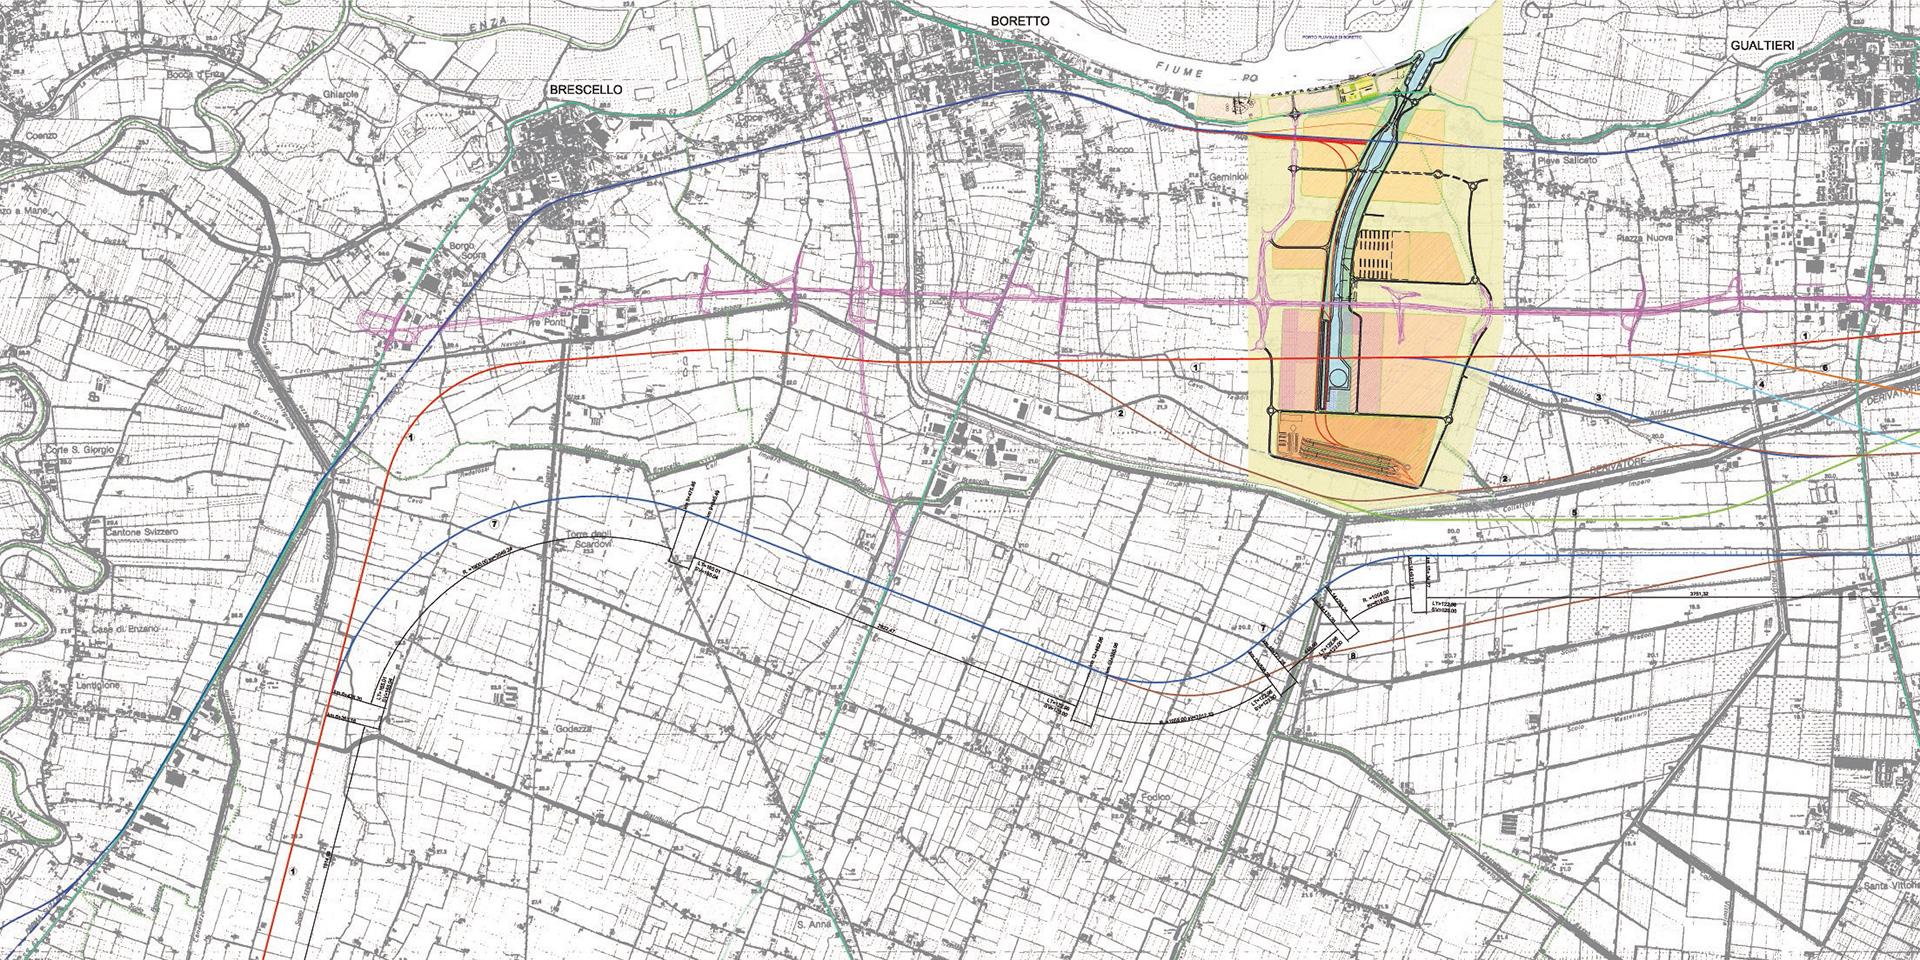 Progetto di potenziamento ferrovia Parma - Suzzara, Binini Partners, Società di architettura e ingegneria